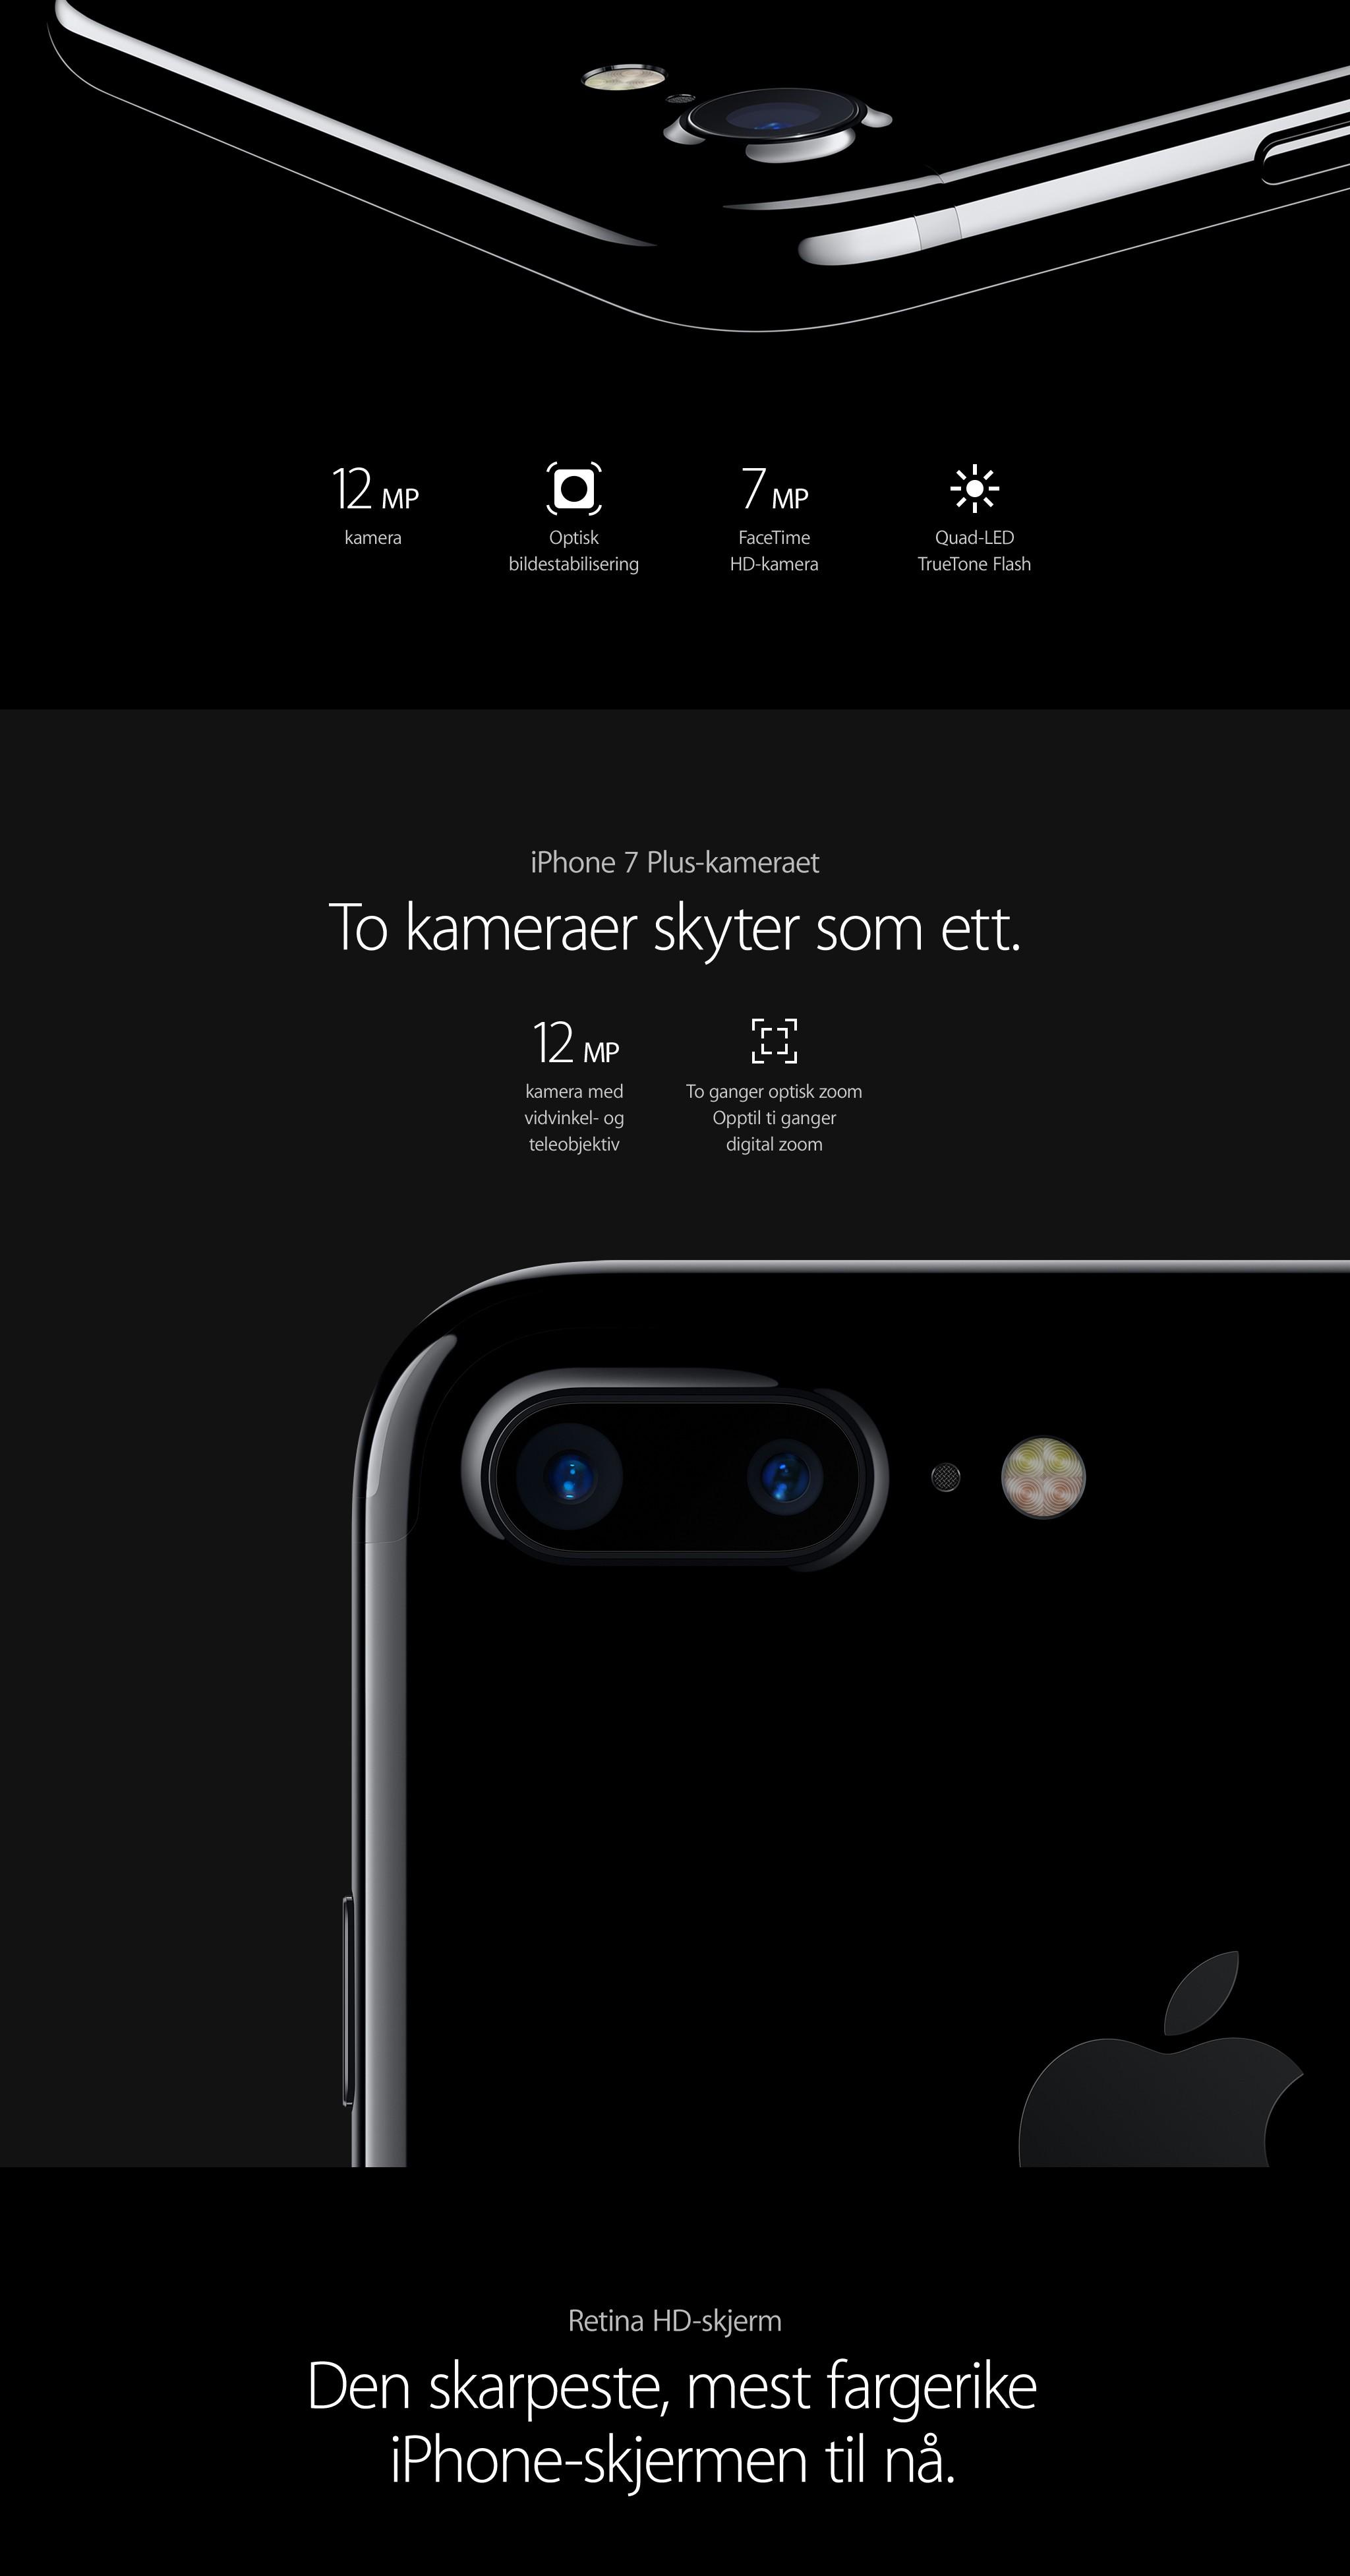 Kjøp iPhone 7 og iPhone 7 Plus hos Elkjøp | iPhone 7 - stereolyd og lengre batteritid enn noensinne